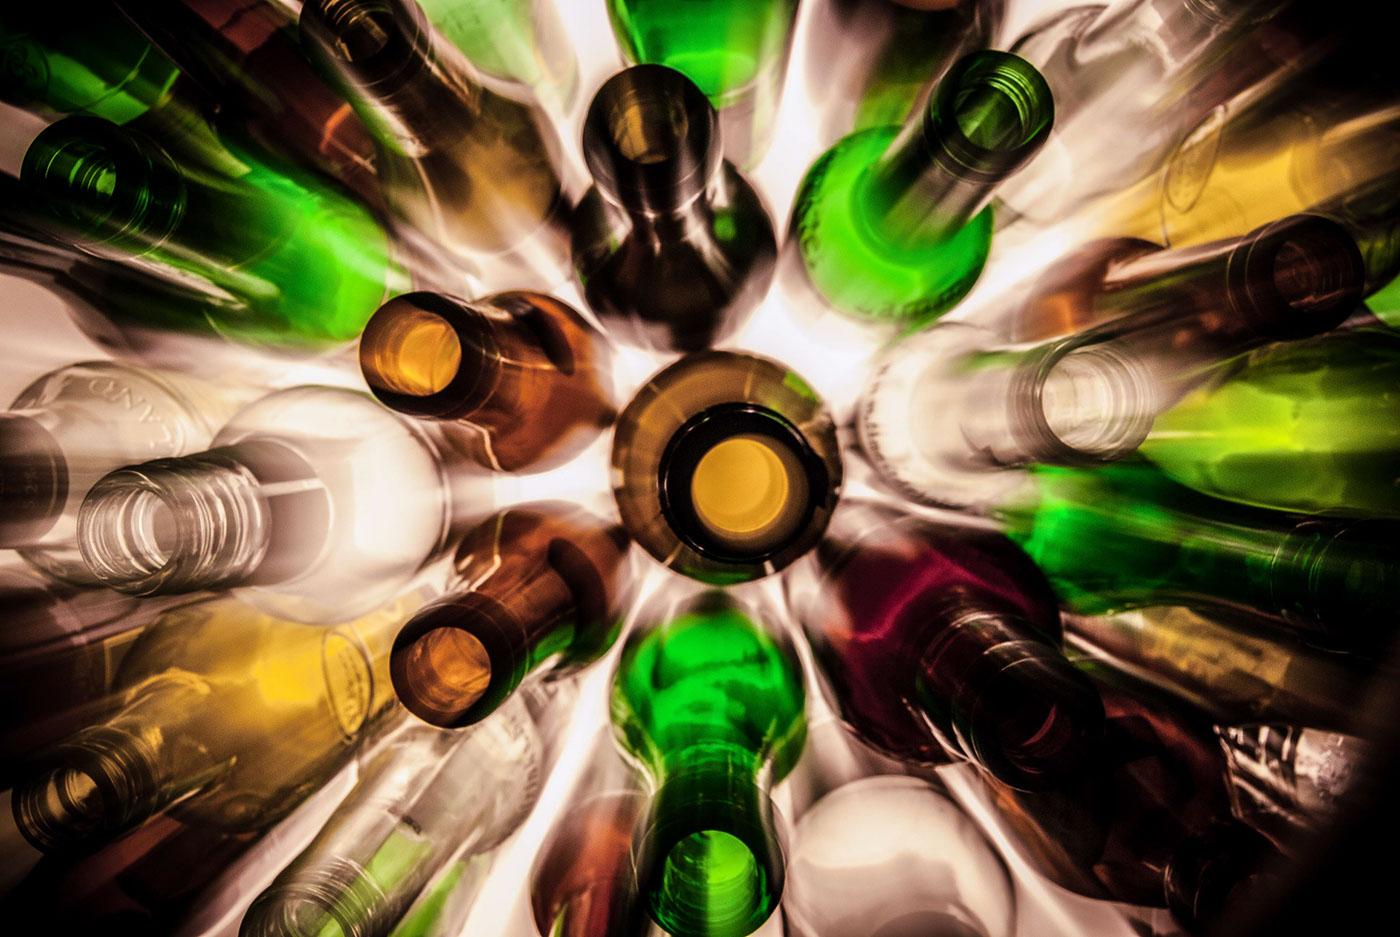 Крафтовые пивоварни Украины просят отменить акциз и лицензию из-за убытков от карантина!